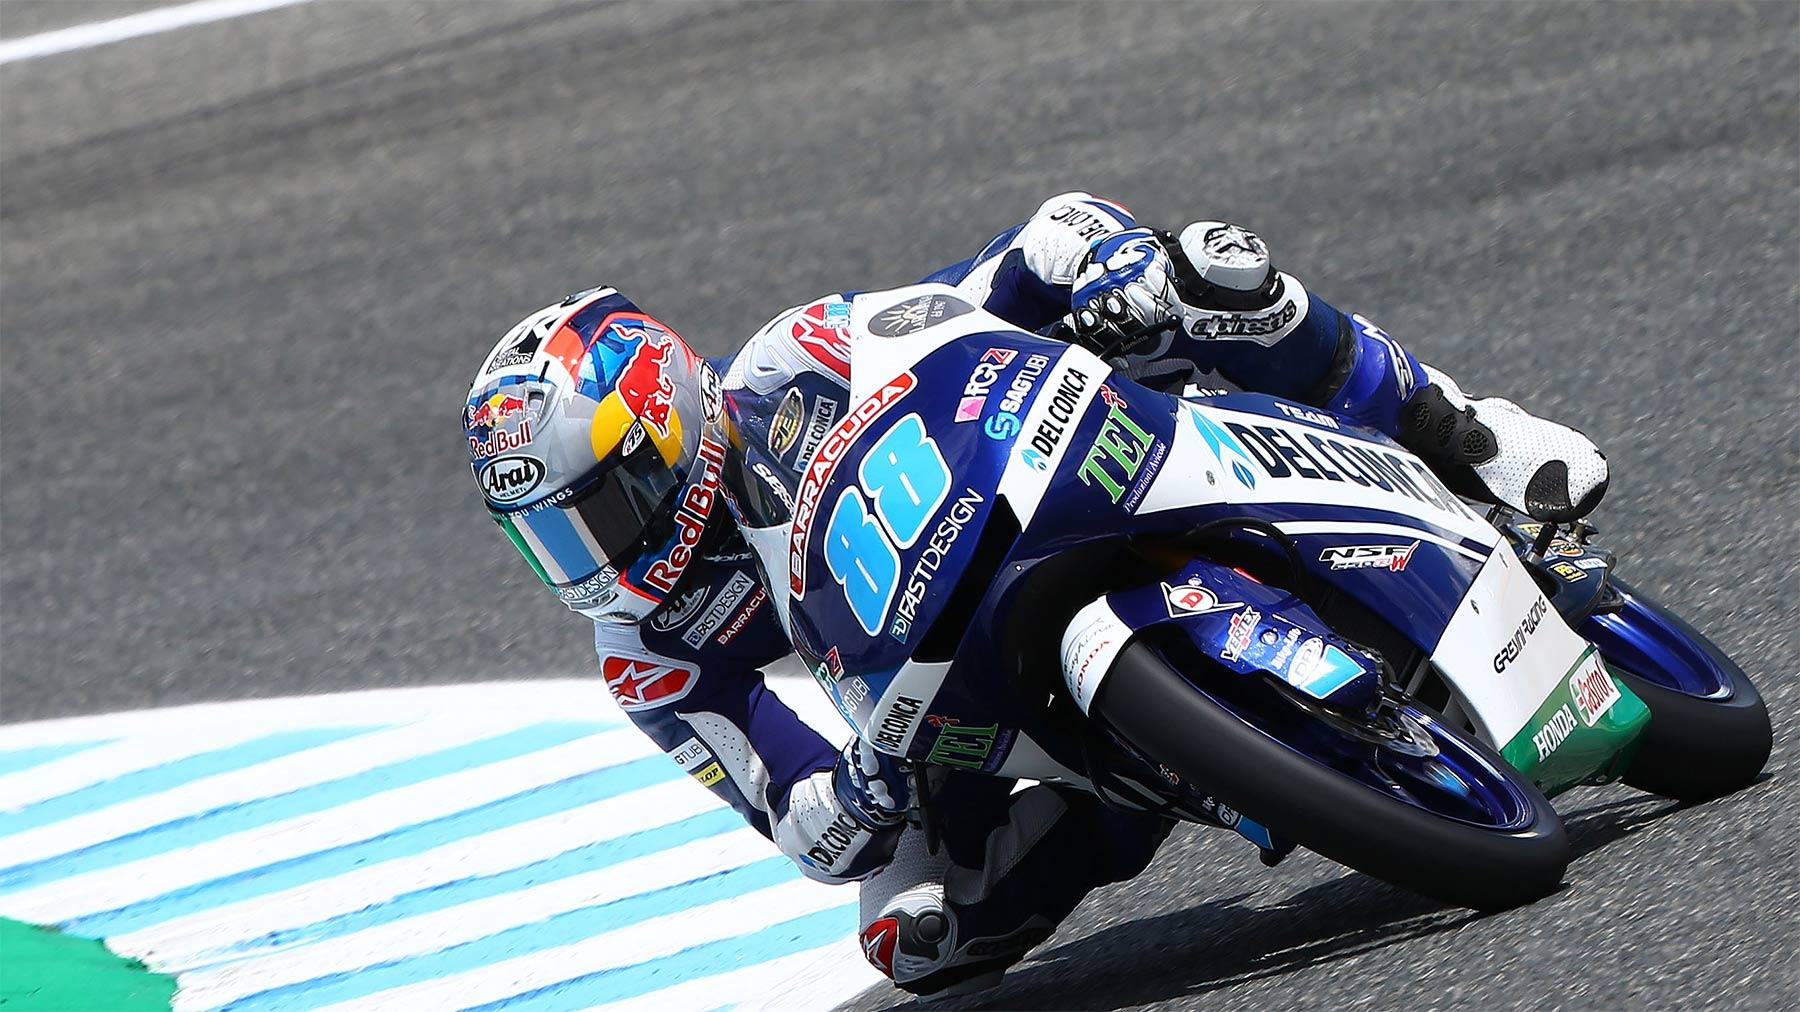 Moto3: Jorge Martín se lleva pole y récord de circuito en Jerez